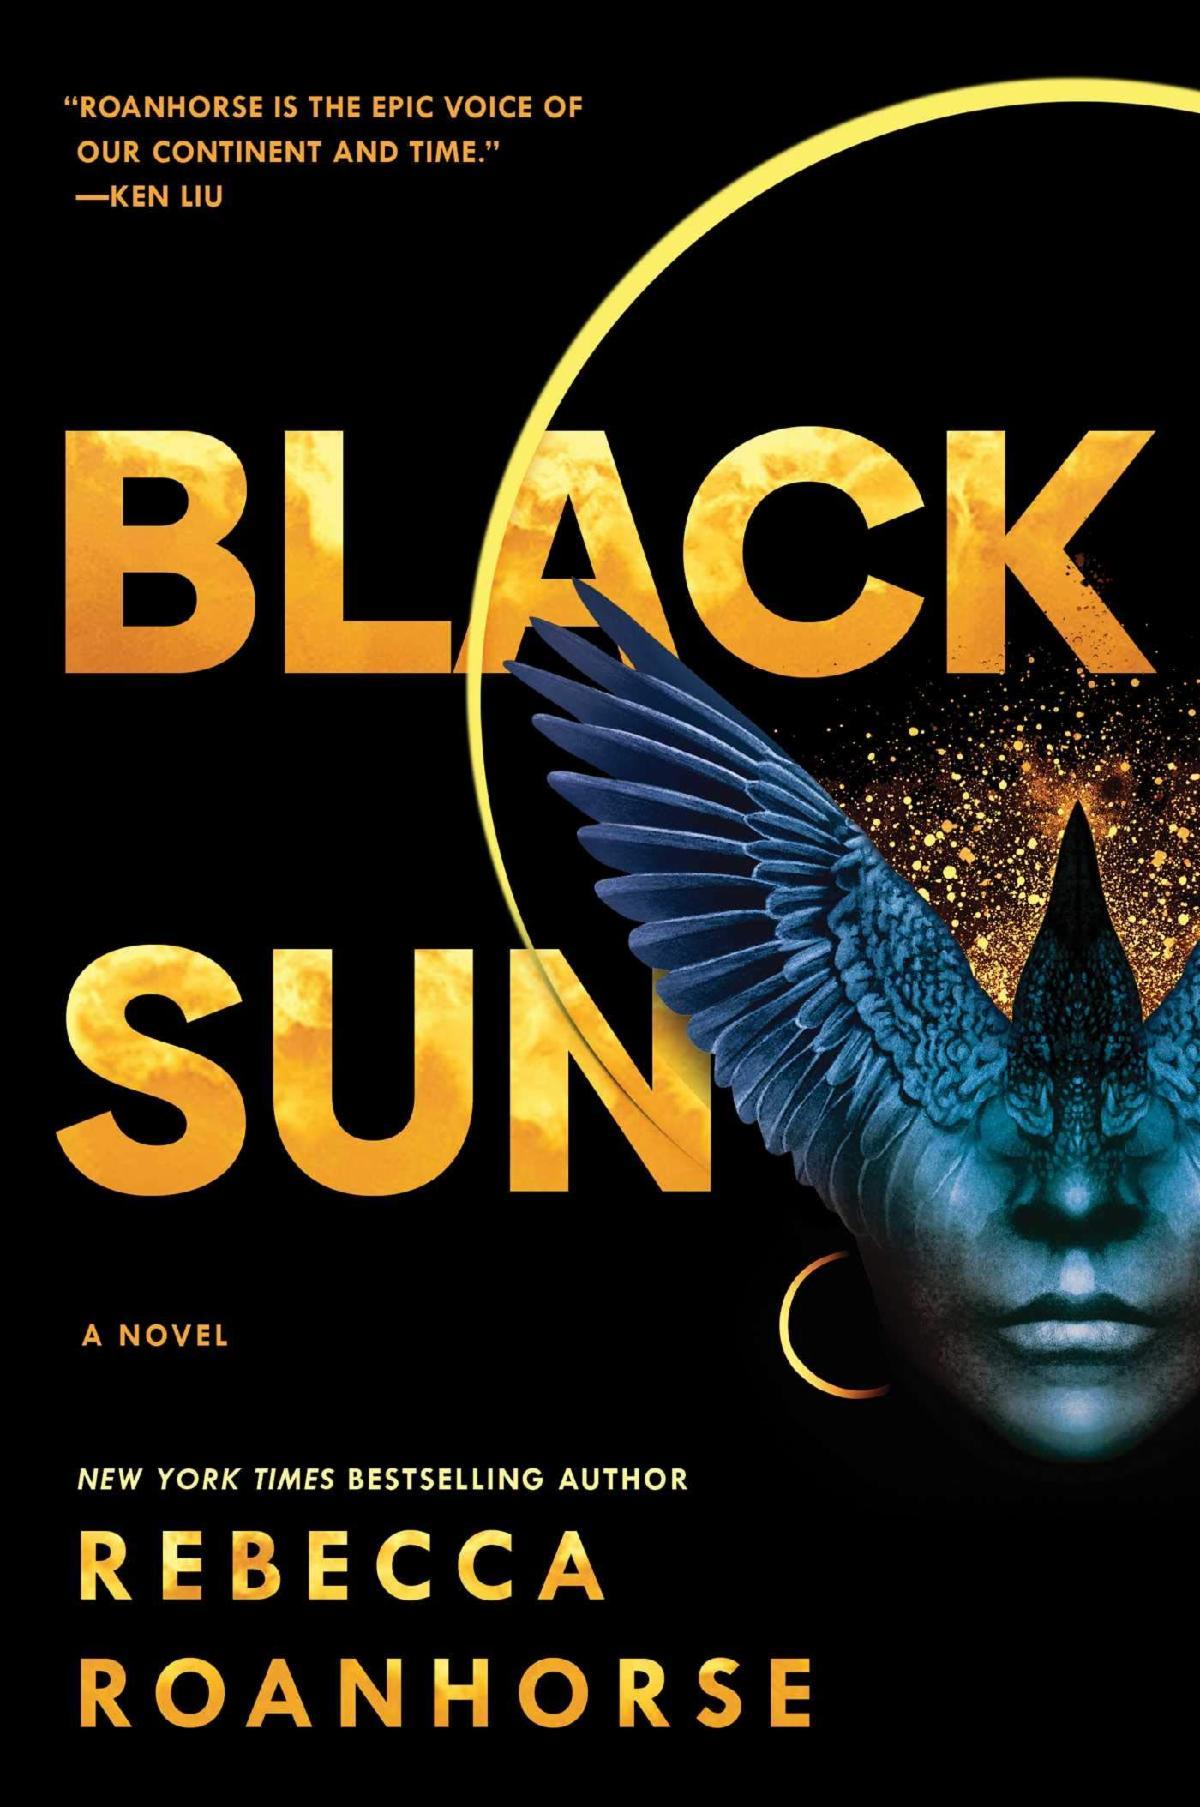 Book cover of Black Sun by Rebecca Roanhorse